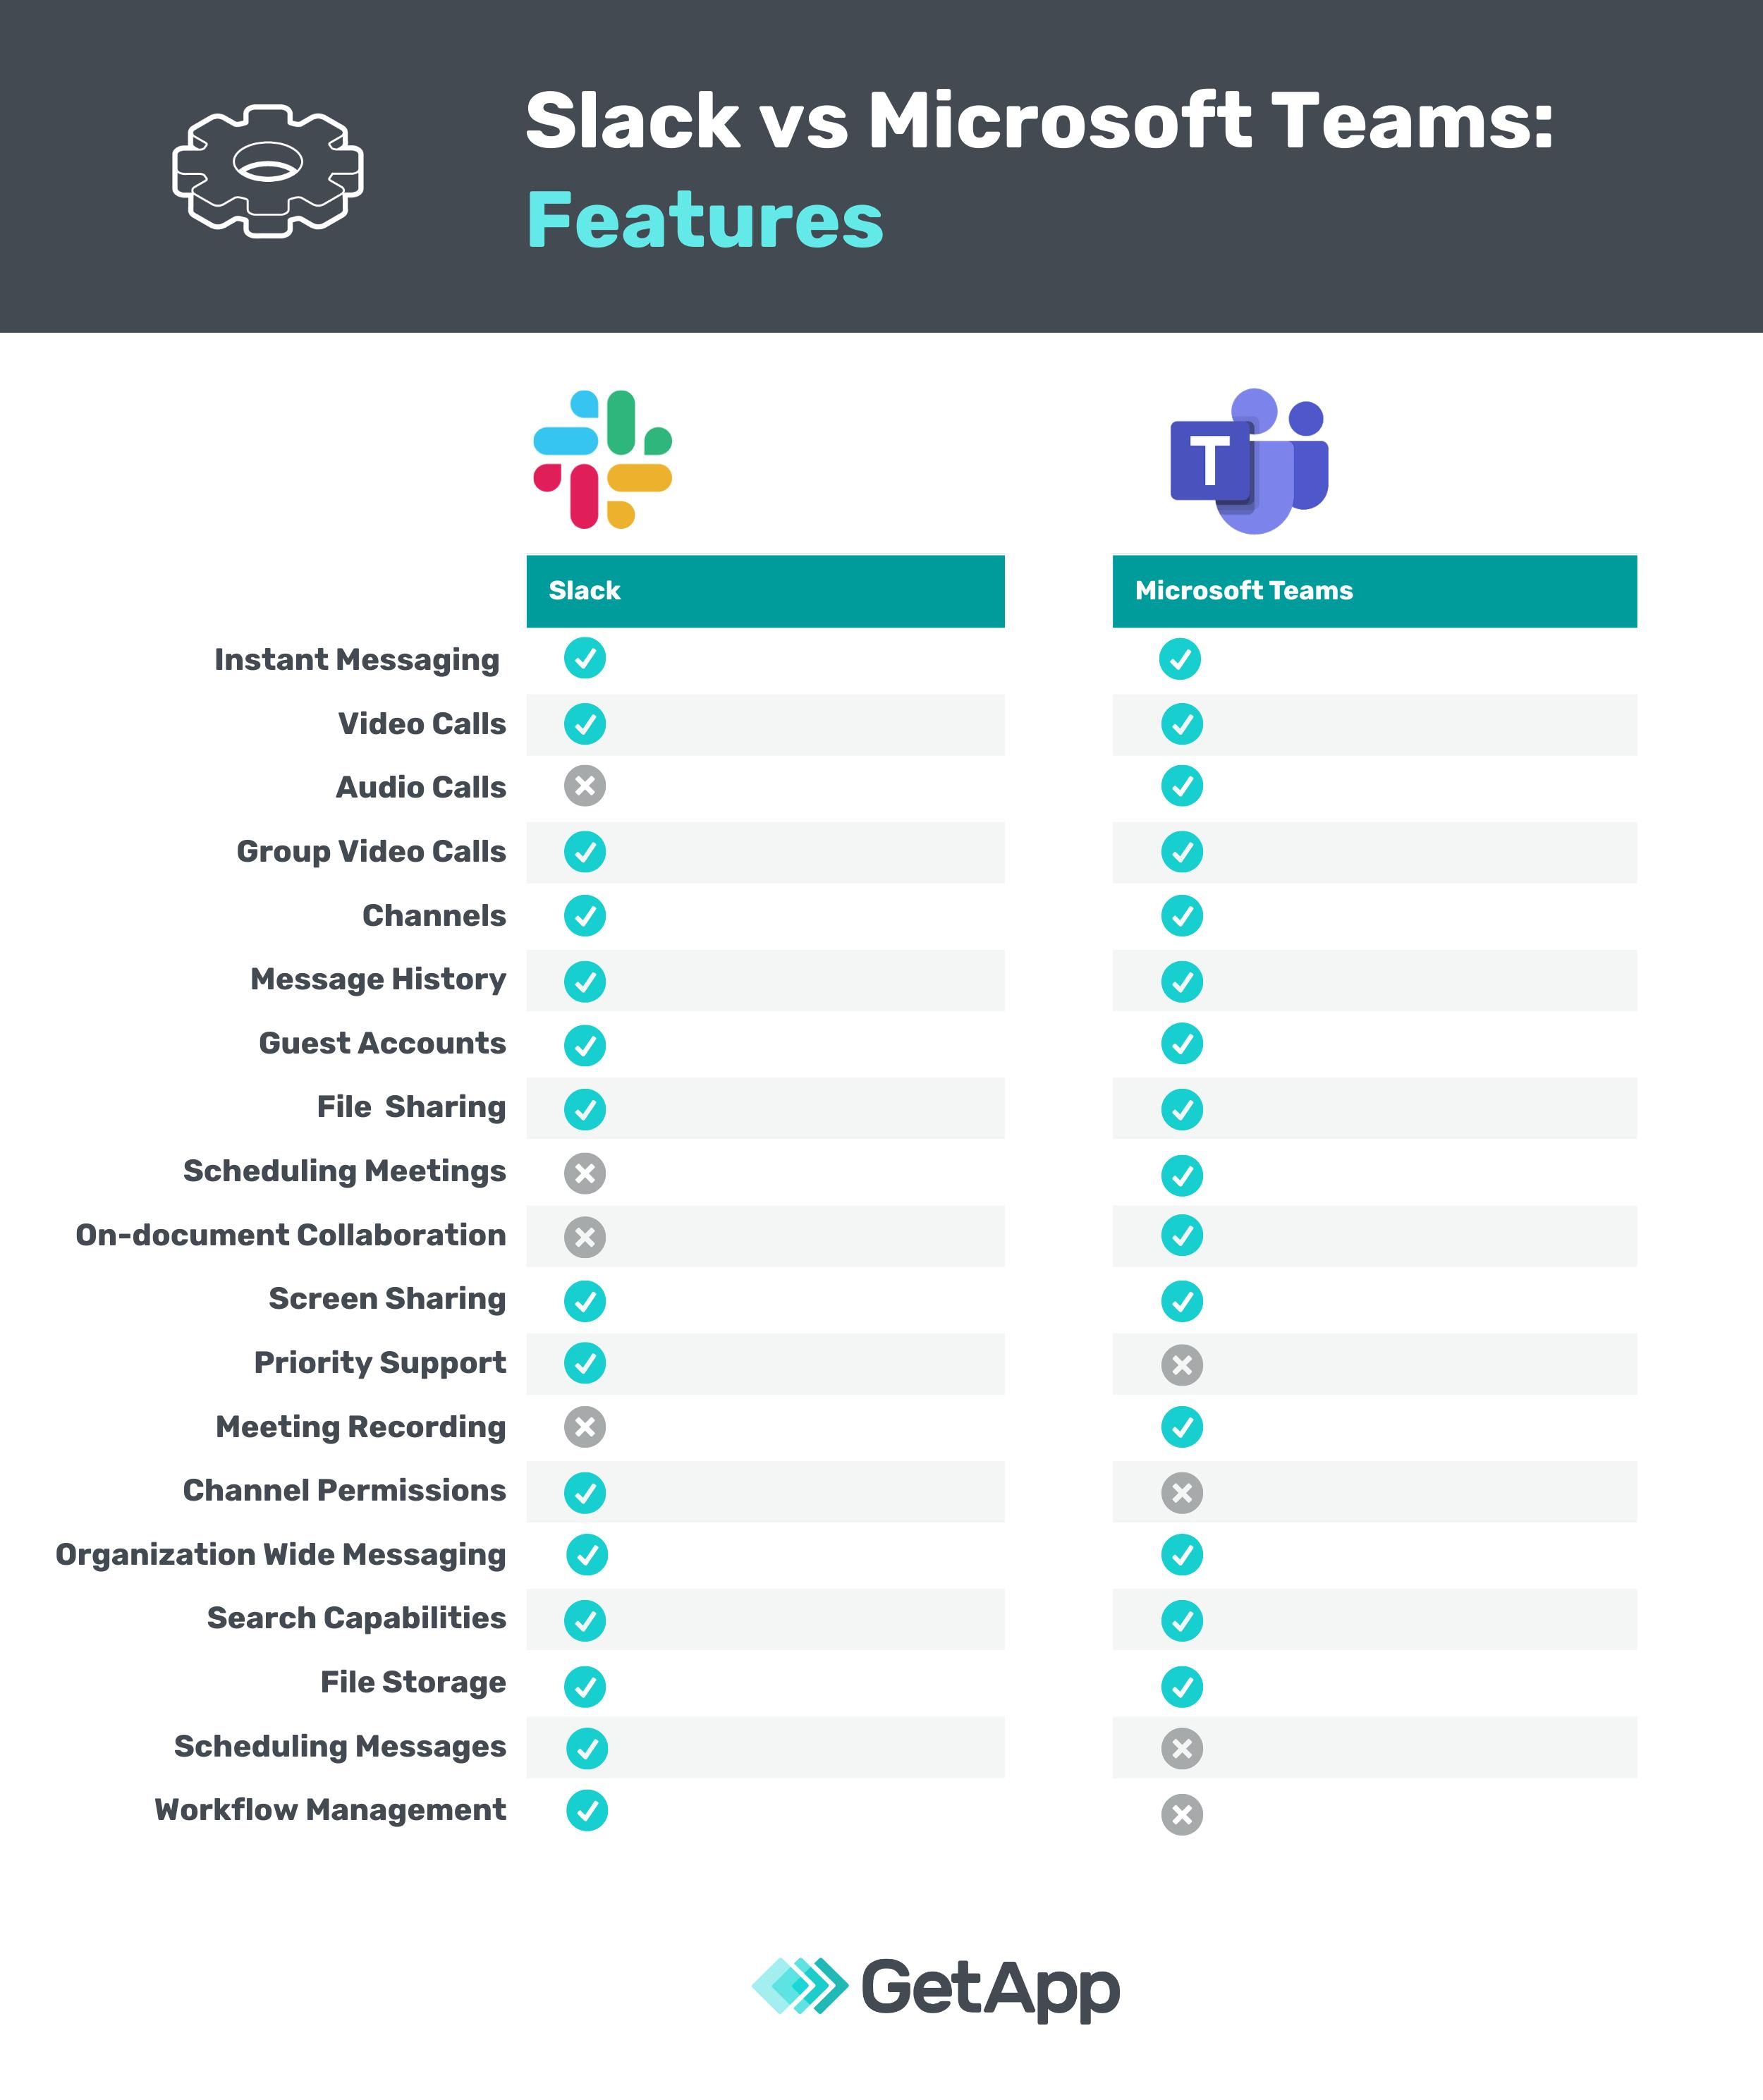 Slack vs Microsoft Teams features comparison